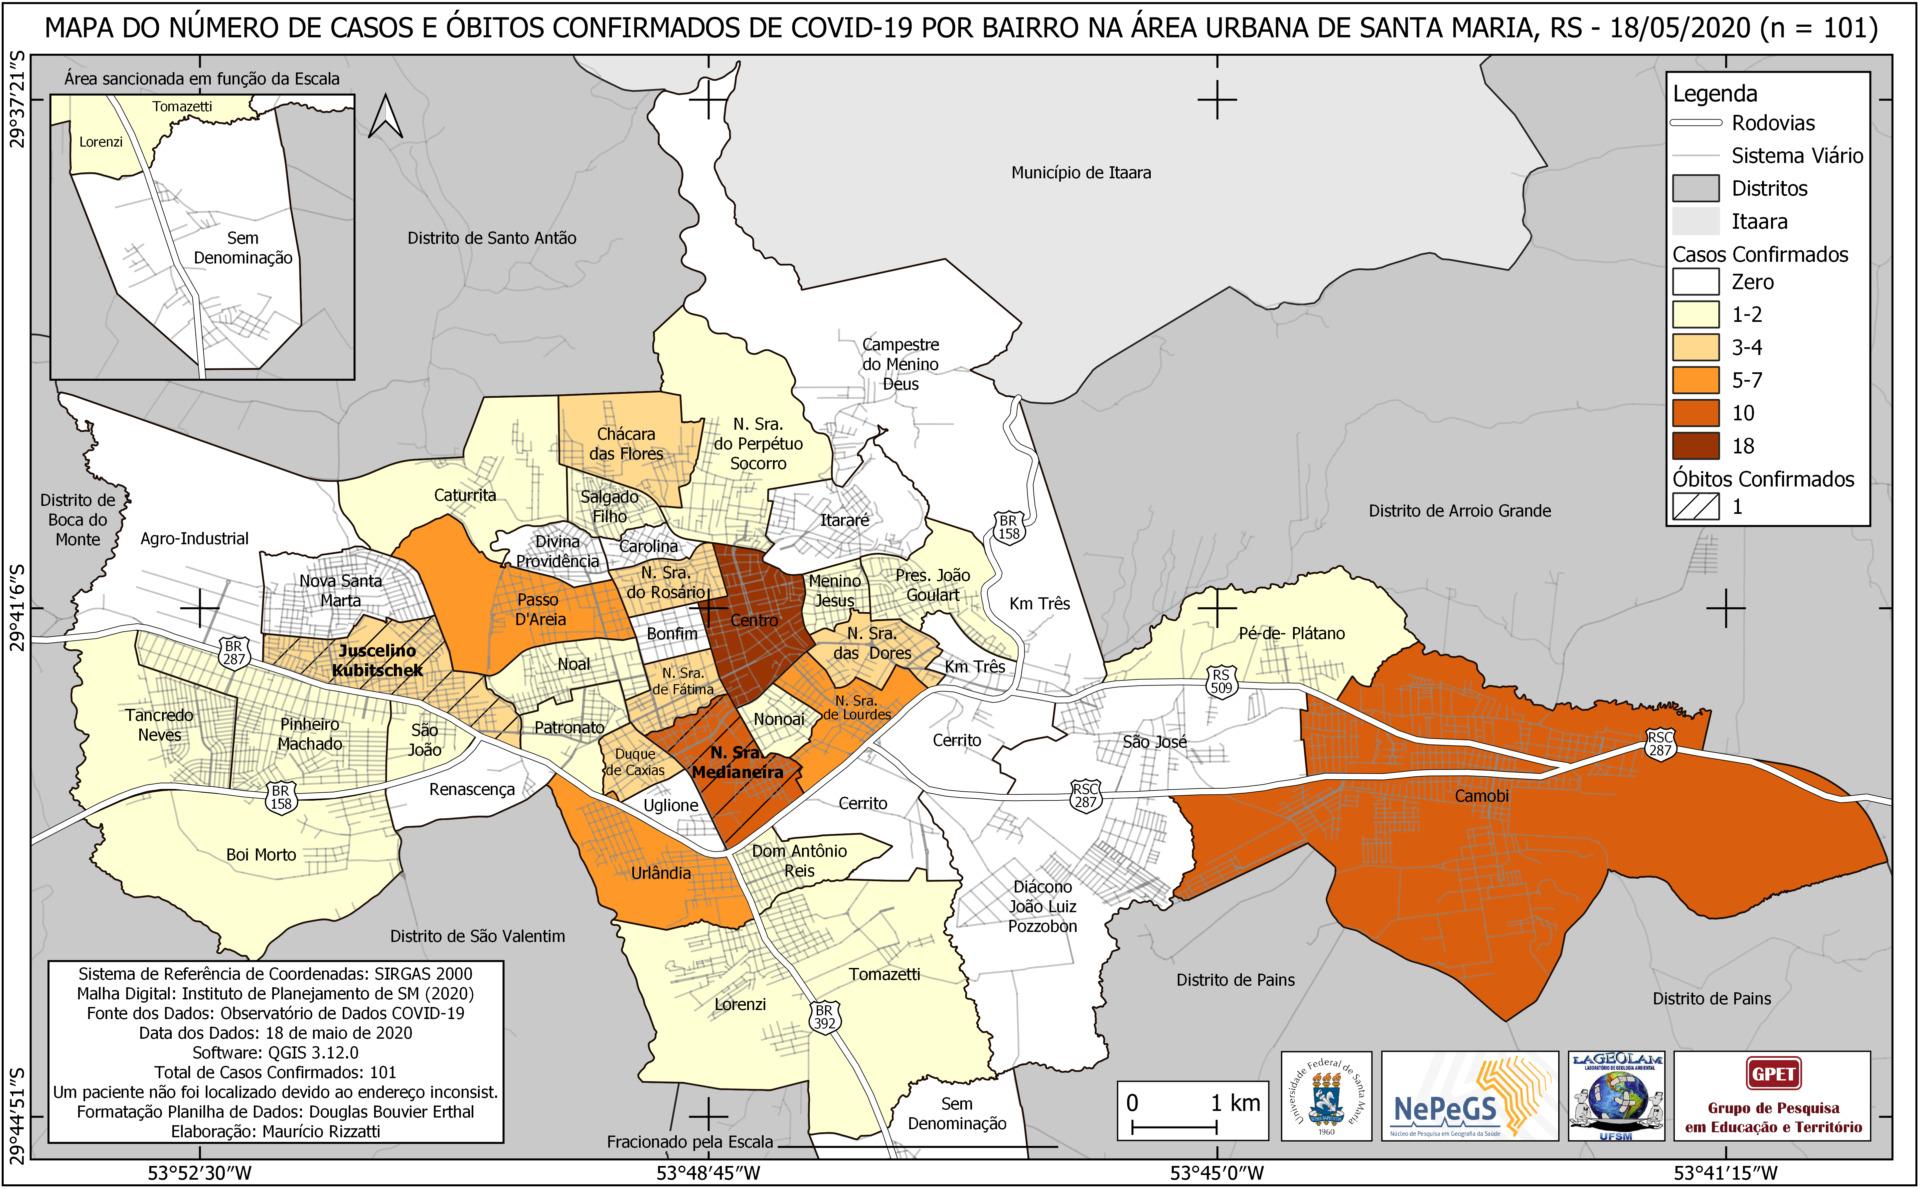 Mapa ConfirmadosSM 18_05